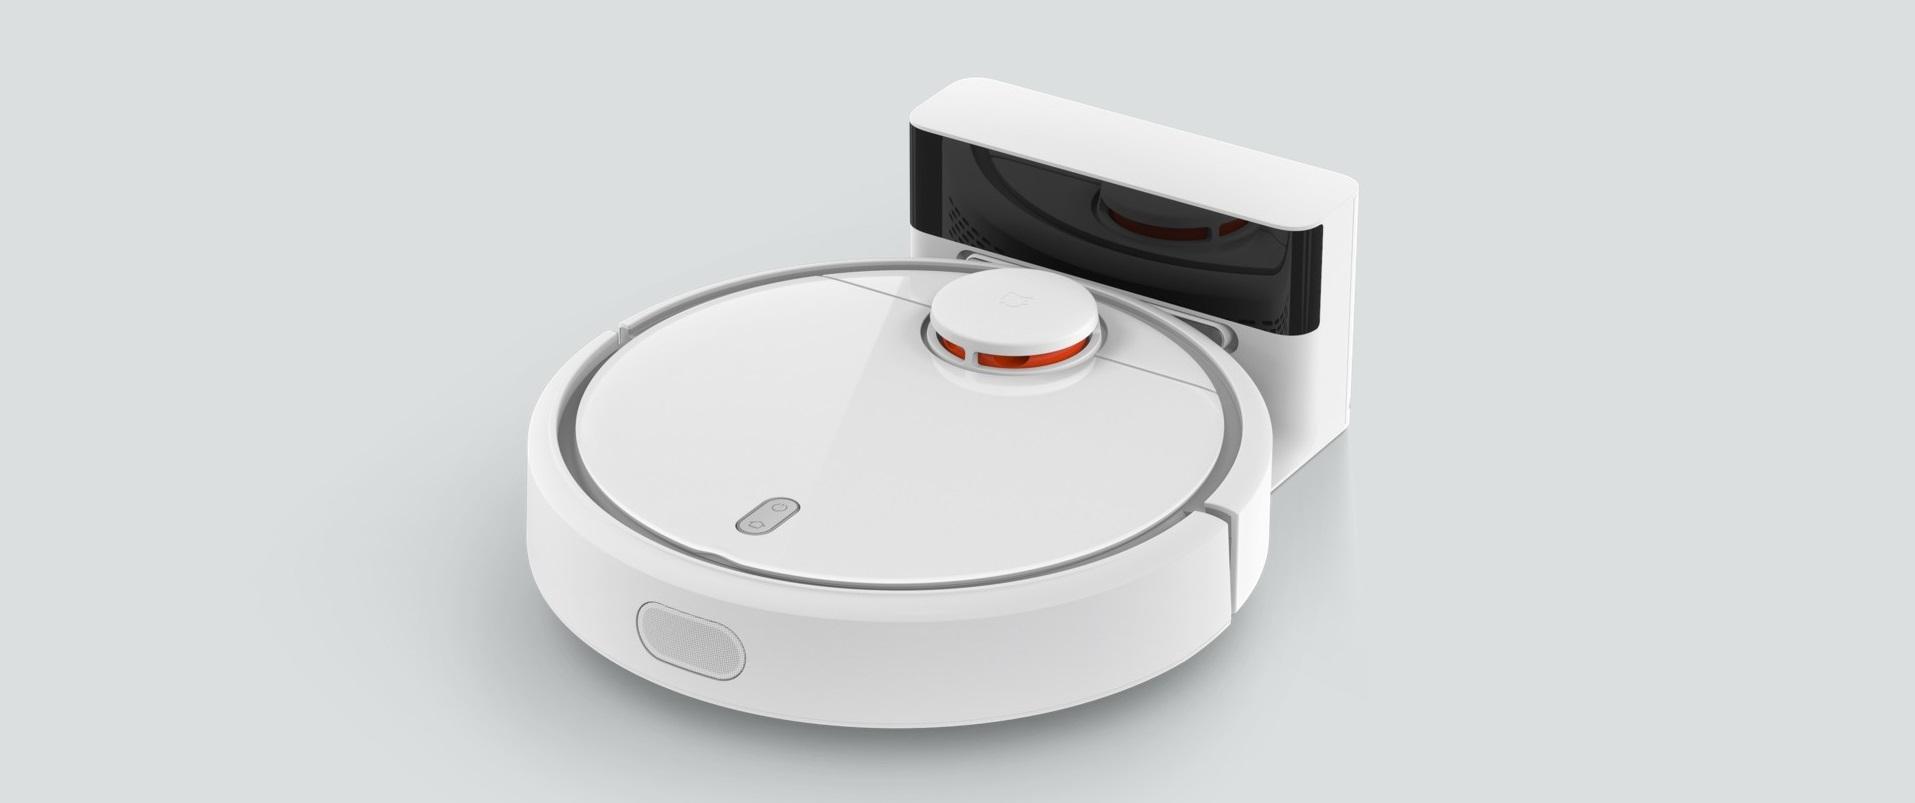 La Xiaomi Mi Robot Vacuum sale a la venta por 326 euros